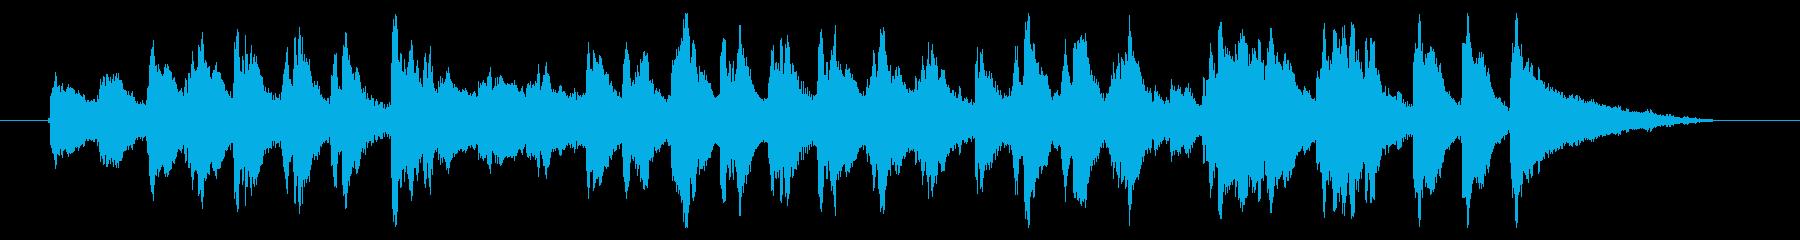 マリンバのキャッチーなジングルの再生済みの波形